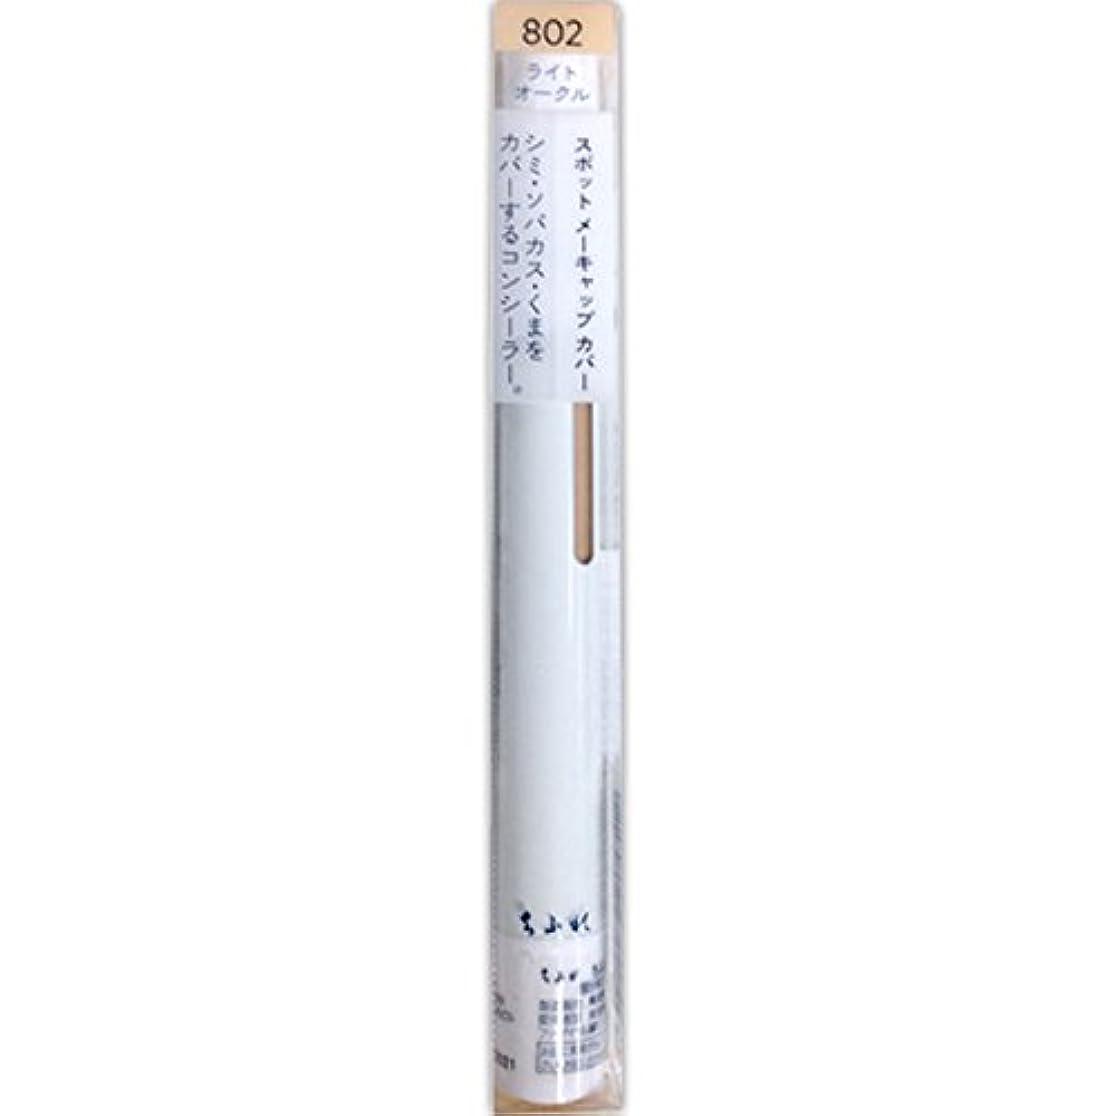 スペイン語葉っぱ唇ちふれ化粧品 スポット メーキャップ カバー 802 ライト オークル -